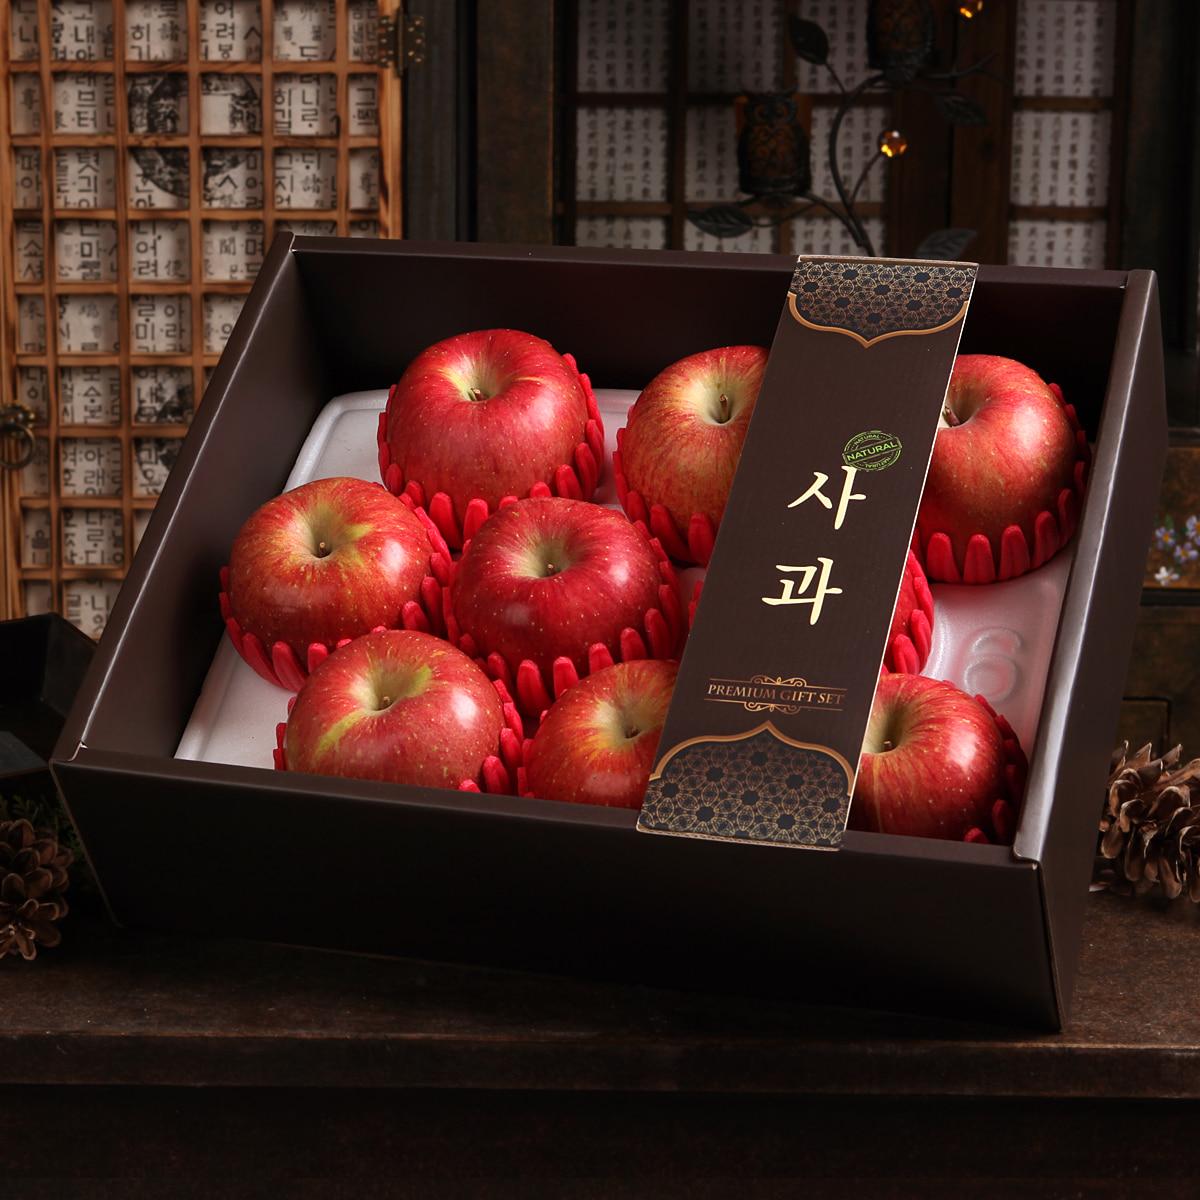 [시골농부] 프리미엄 사과 선물세트 3kg/9과이식사